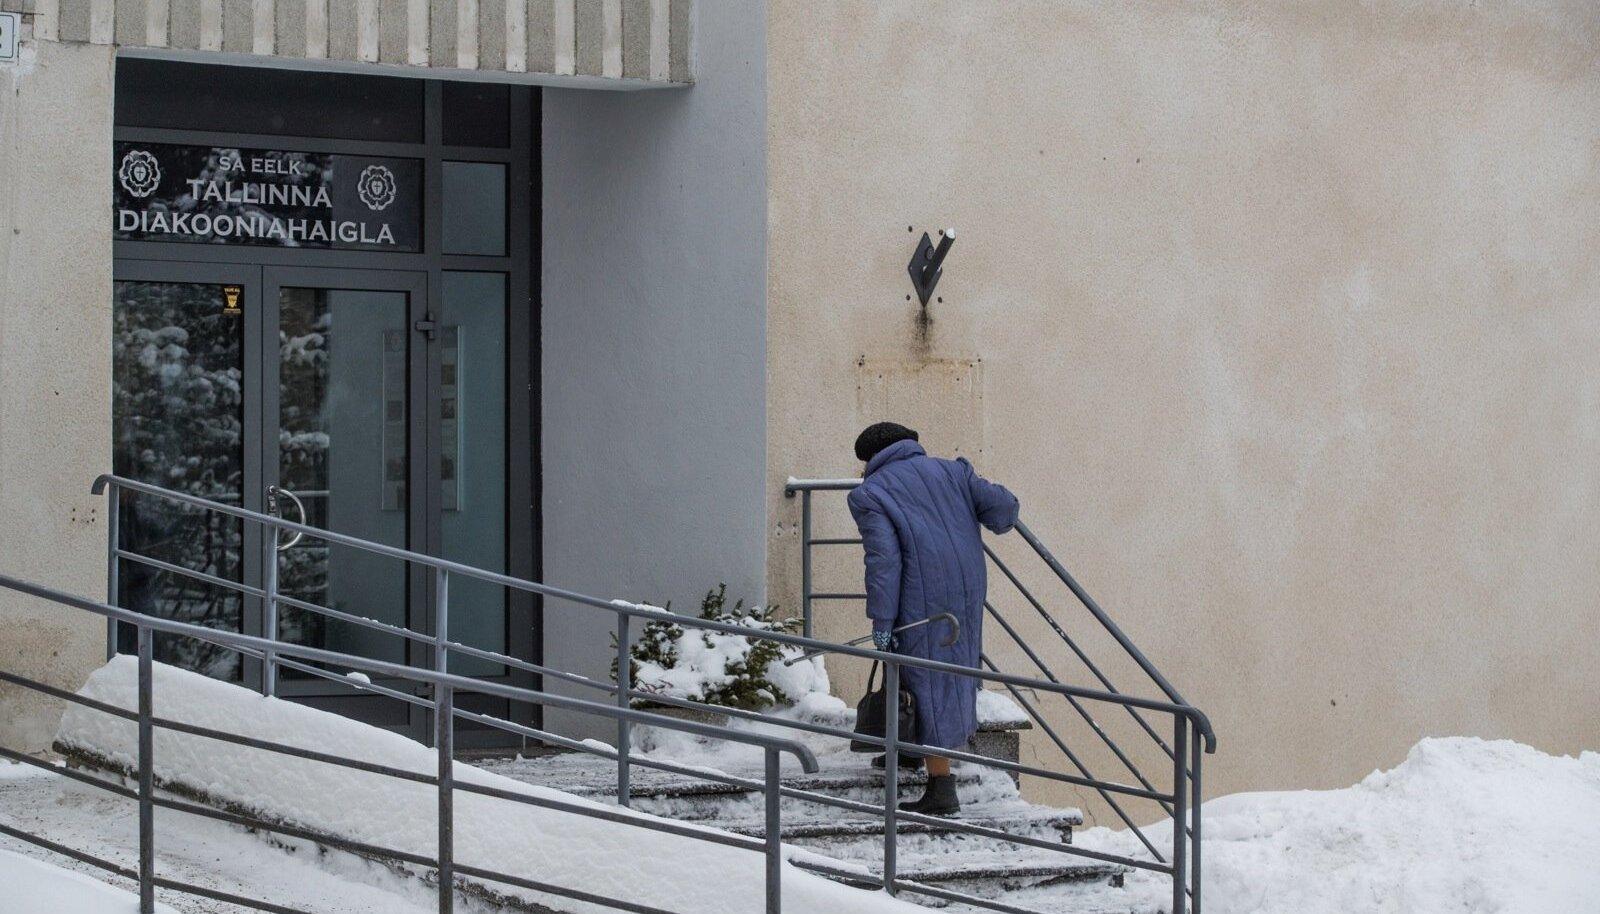 Eesti evangeelsele luterlikule kirikule (EELK) kuuluva diakooniahaigla hospiitsi ähvardab sulgemine juhul, kui Keila haiglal õnnestub kohtusse jõudnud riigihanke vaidlusest võitjana väljuda. Keila haigla ei ole rahul, et nad ei võitnud haigekassa hankes piisavalt hoolduskohti.